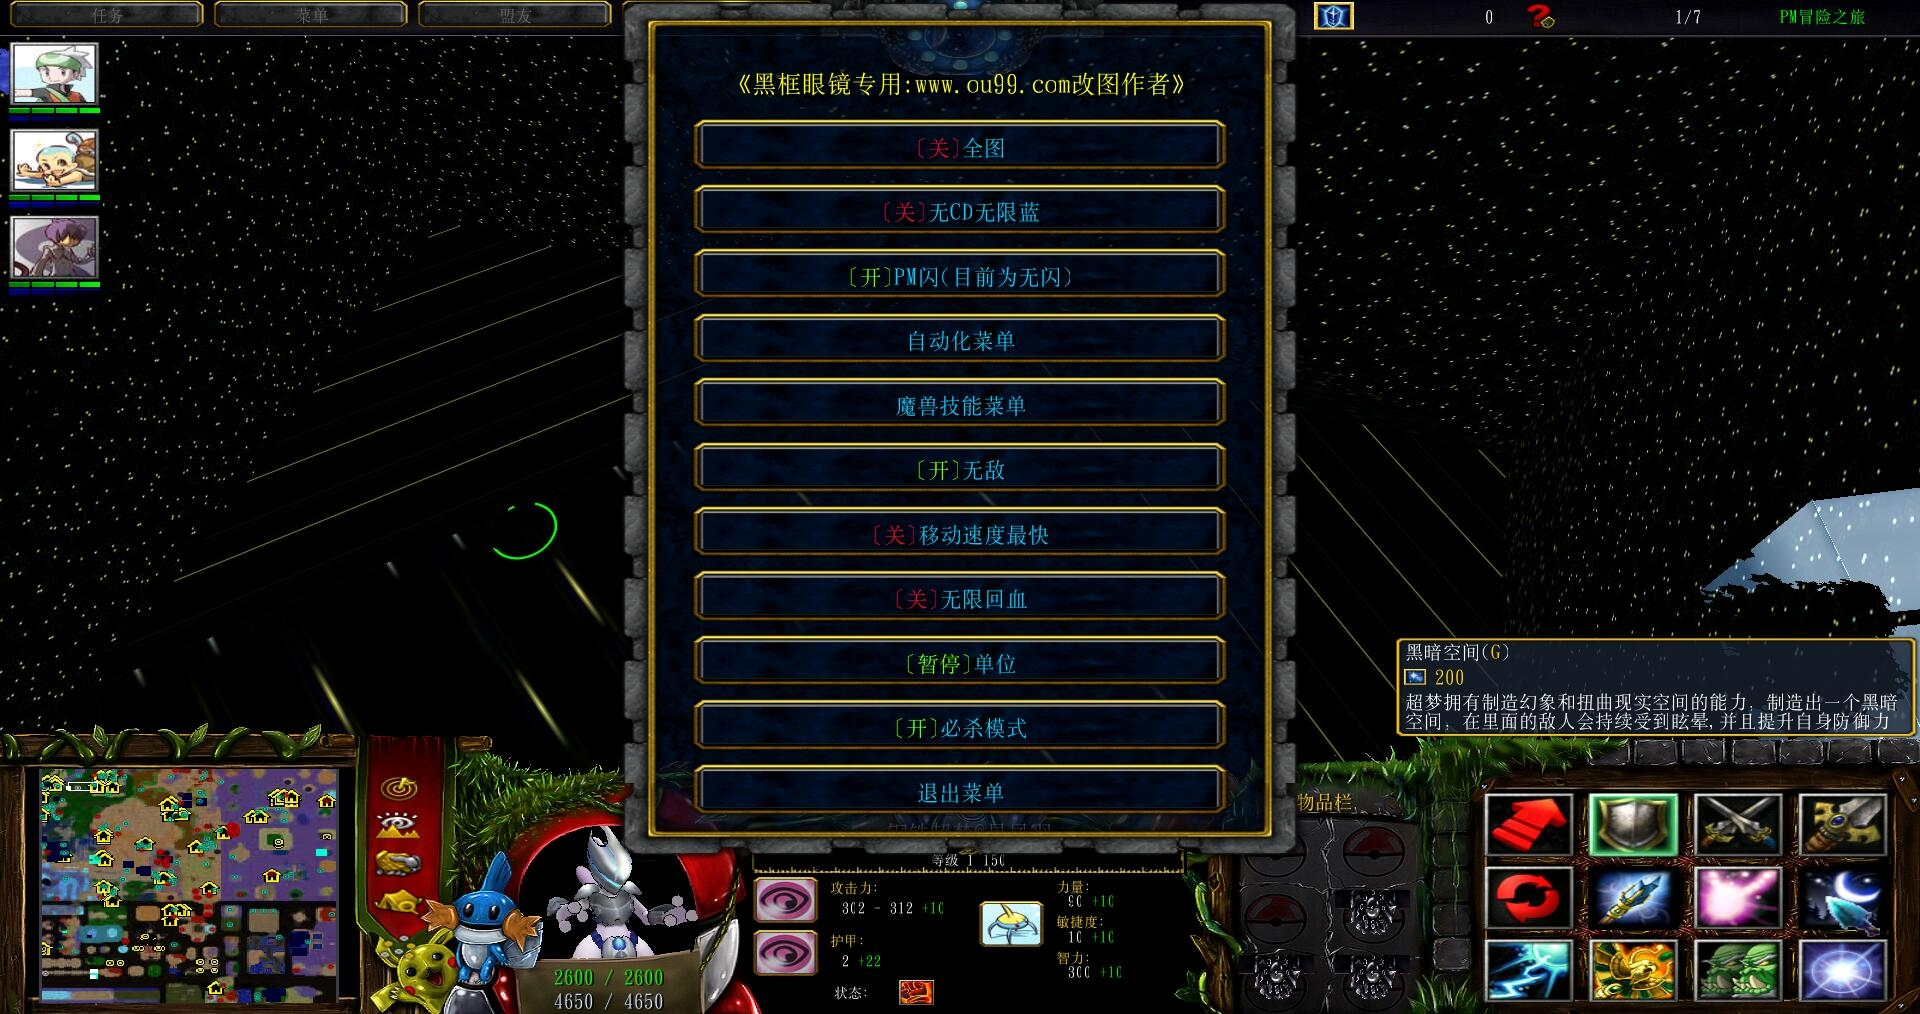 宠物小精灵PM冒险之旅2.18版黑式破解